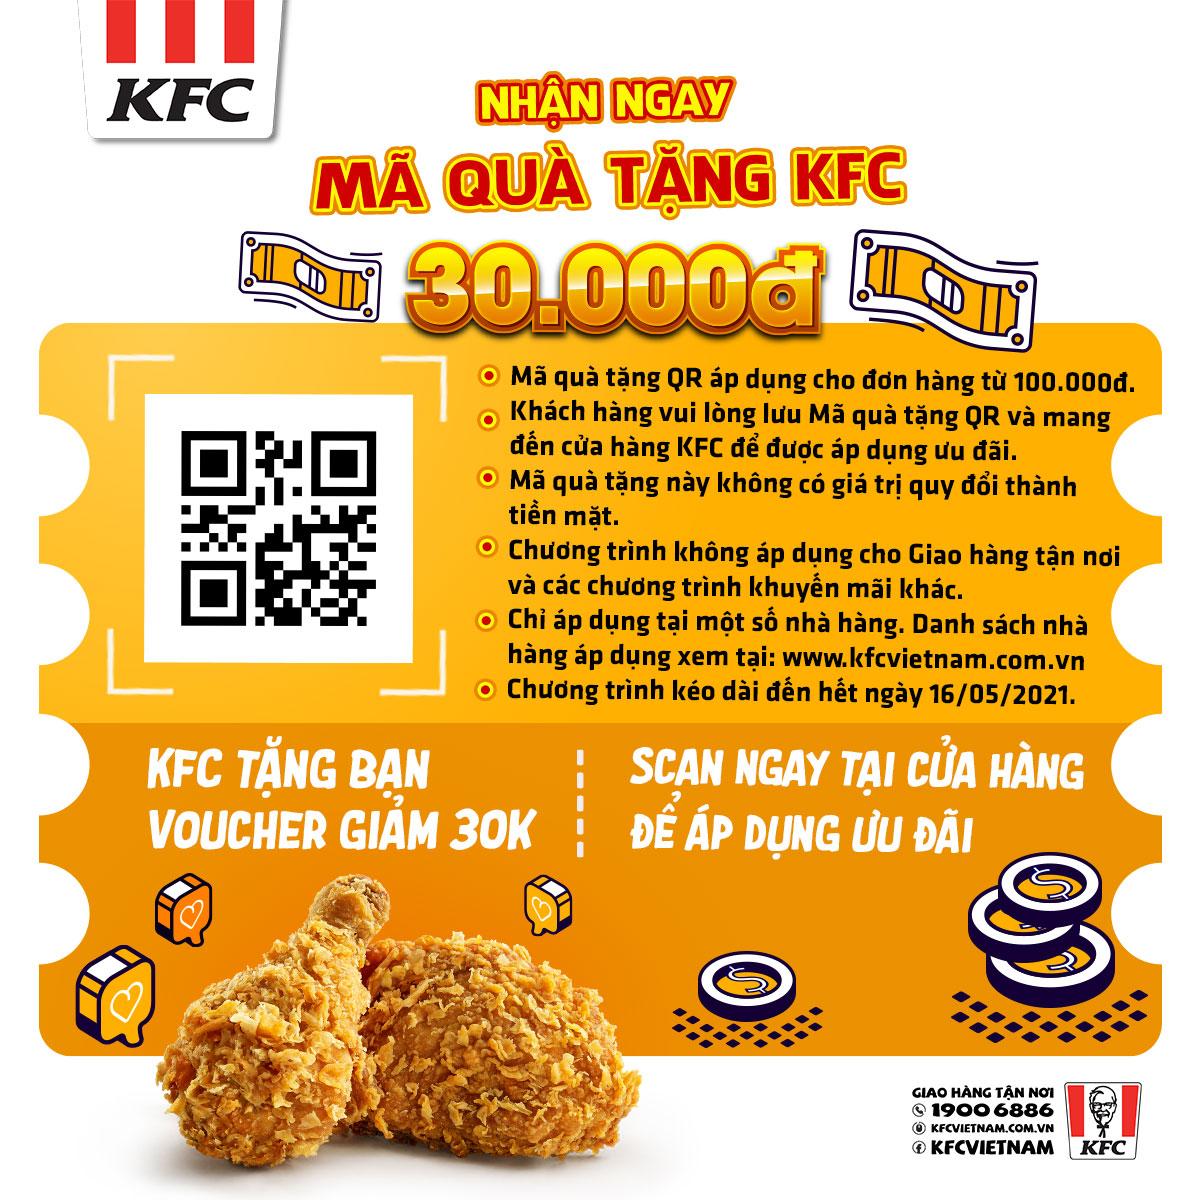 Khuyến mãi ăn uống tuần này (5/4-11/4): ThaiExpress giảm 20%, Bobapop ưu đãi bốc thăm trúng thưởng   - Ảnh 2.